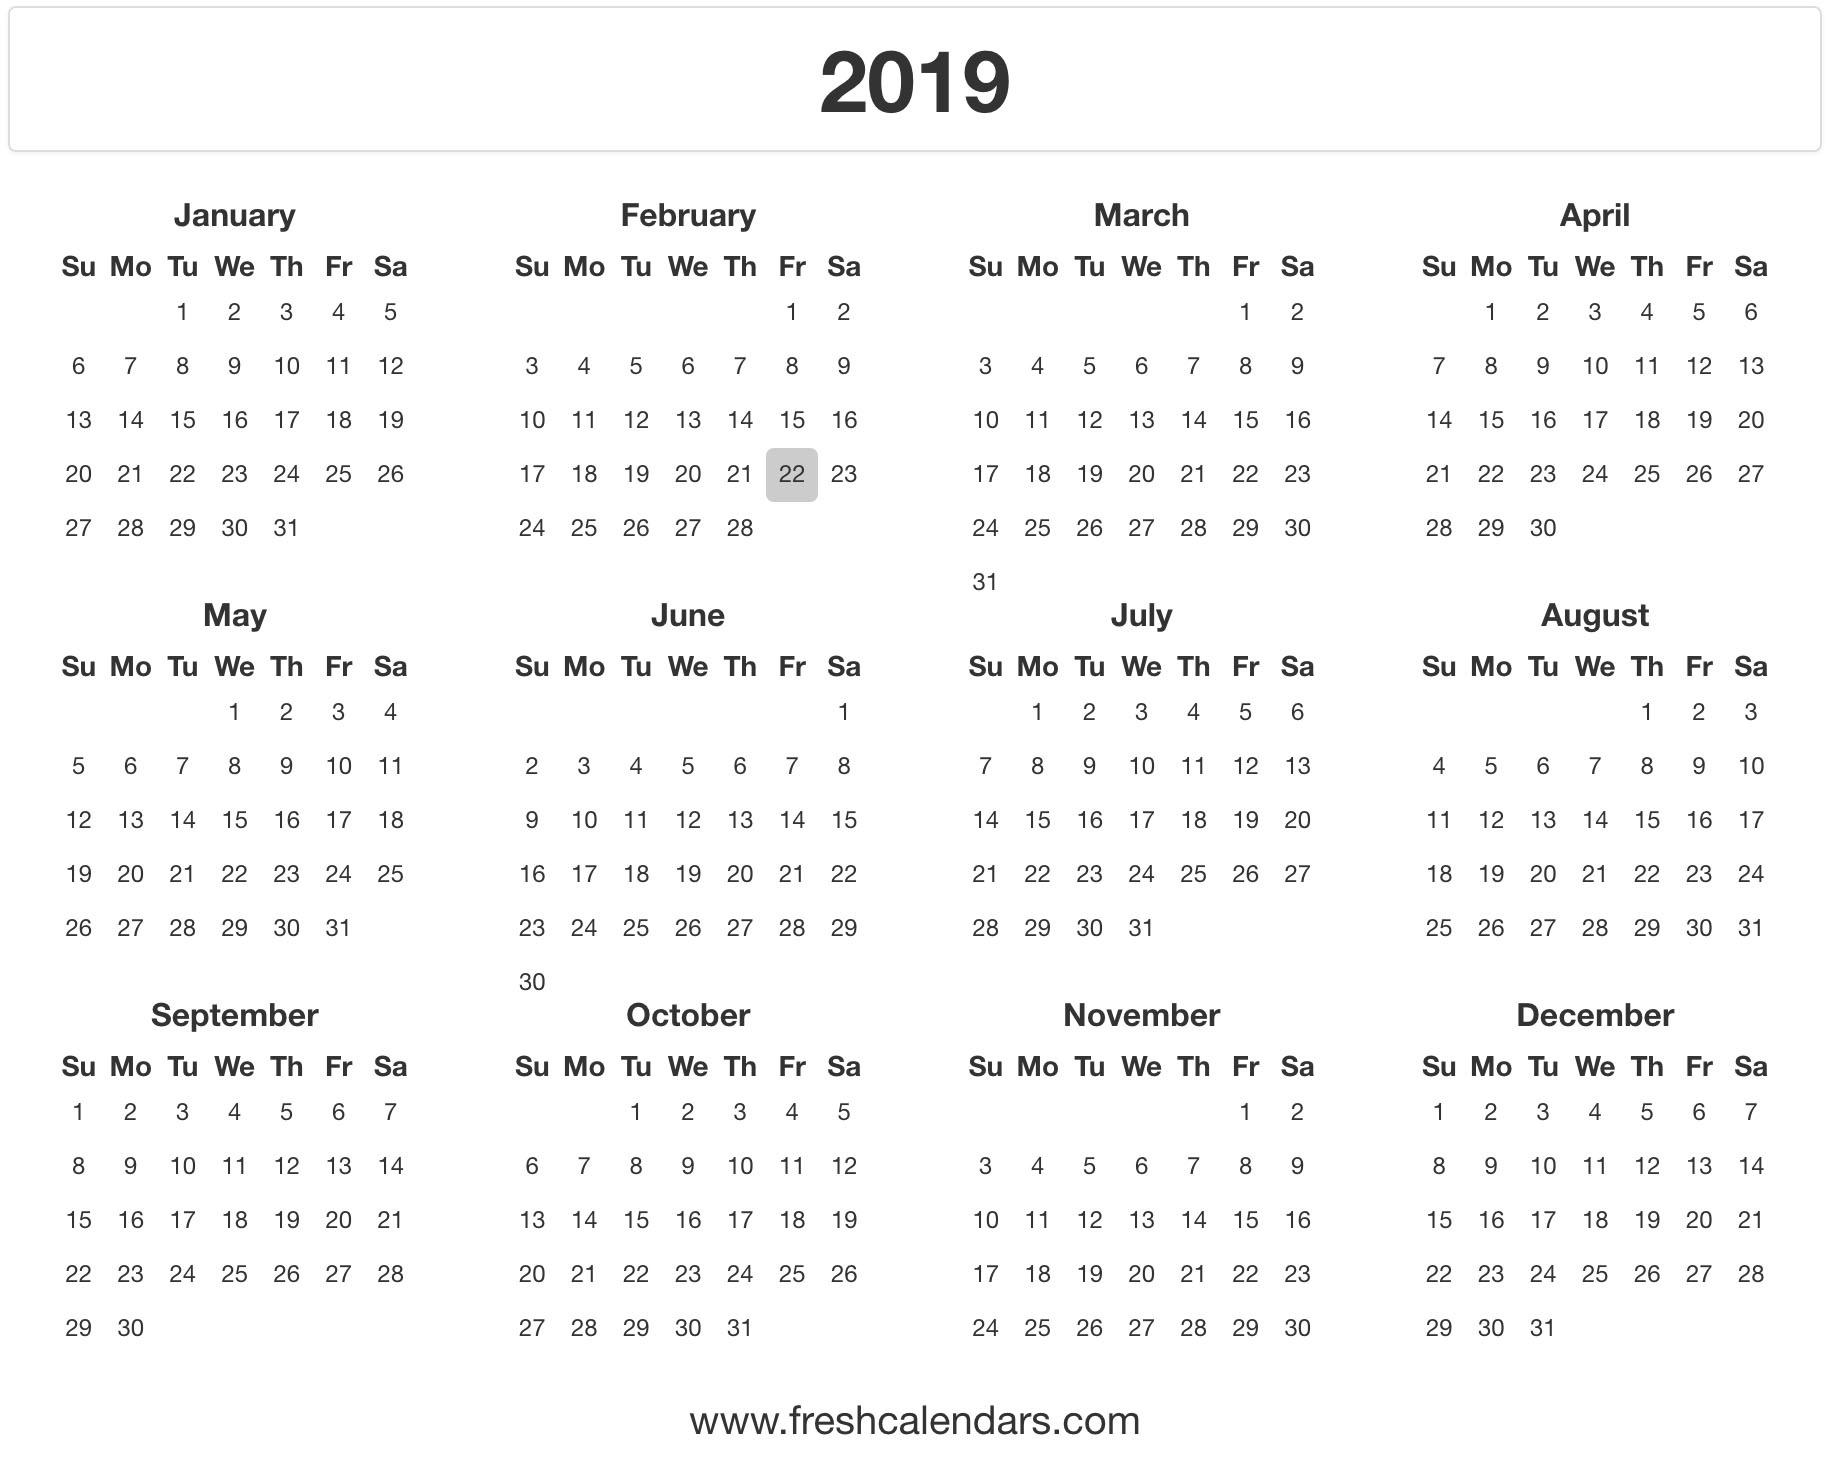 2019 Calendar_Printing A Calendar For 2019